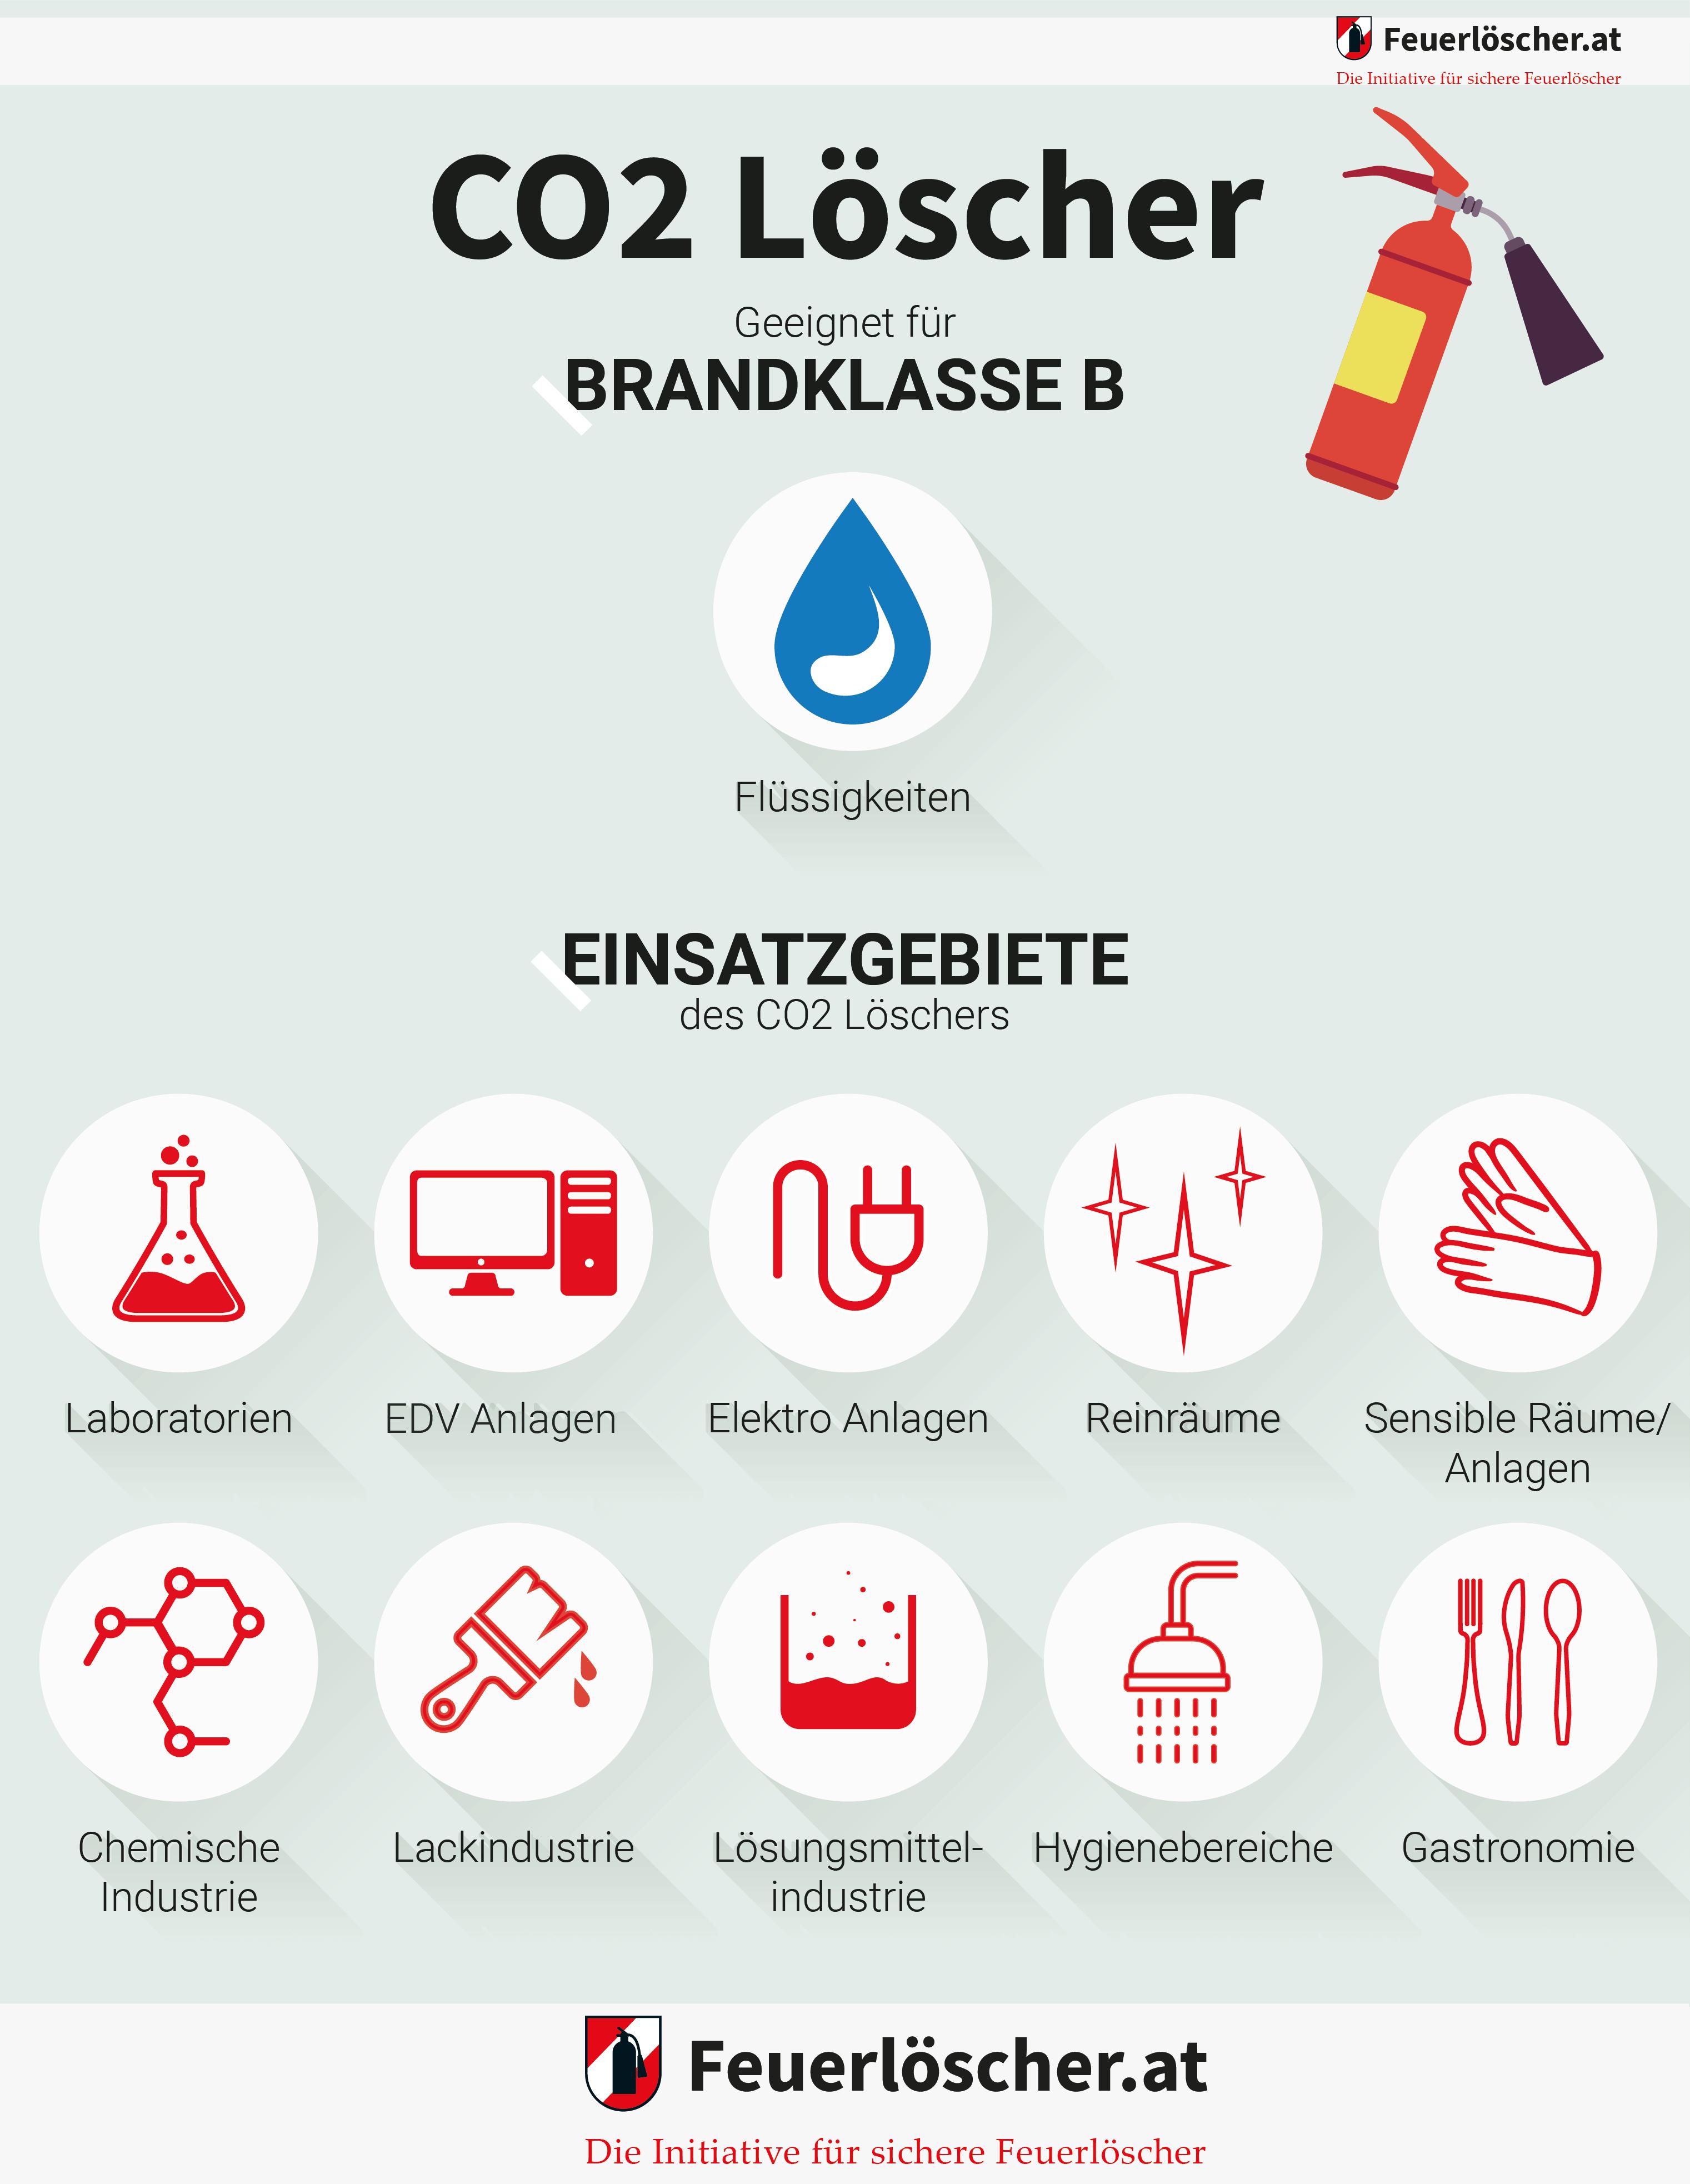 Infografik: Anwendungsbereiche von CO2 Feuerlöschern.